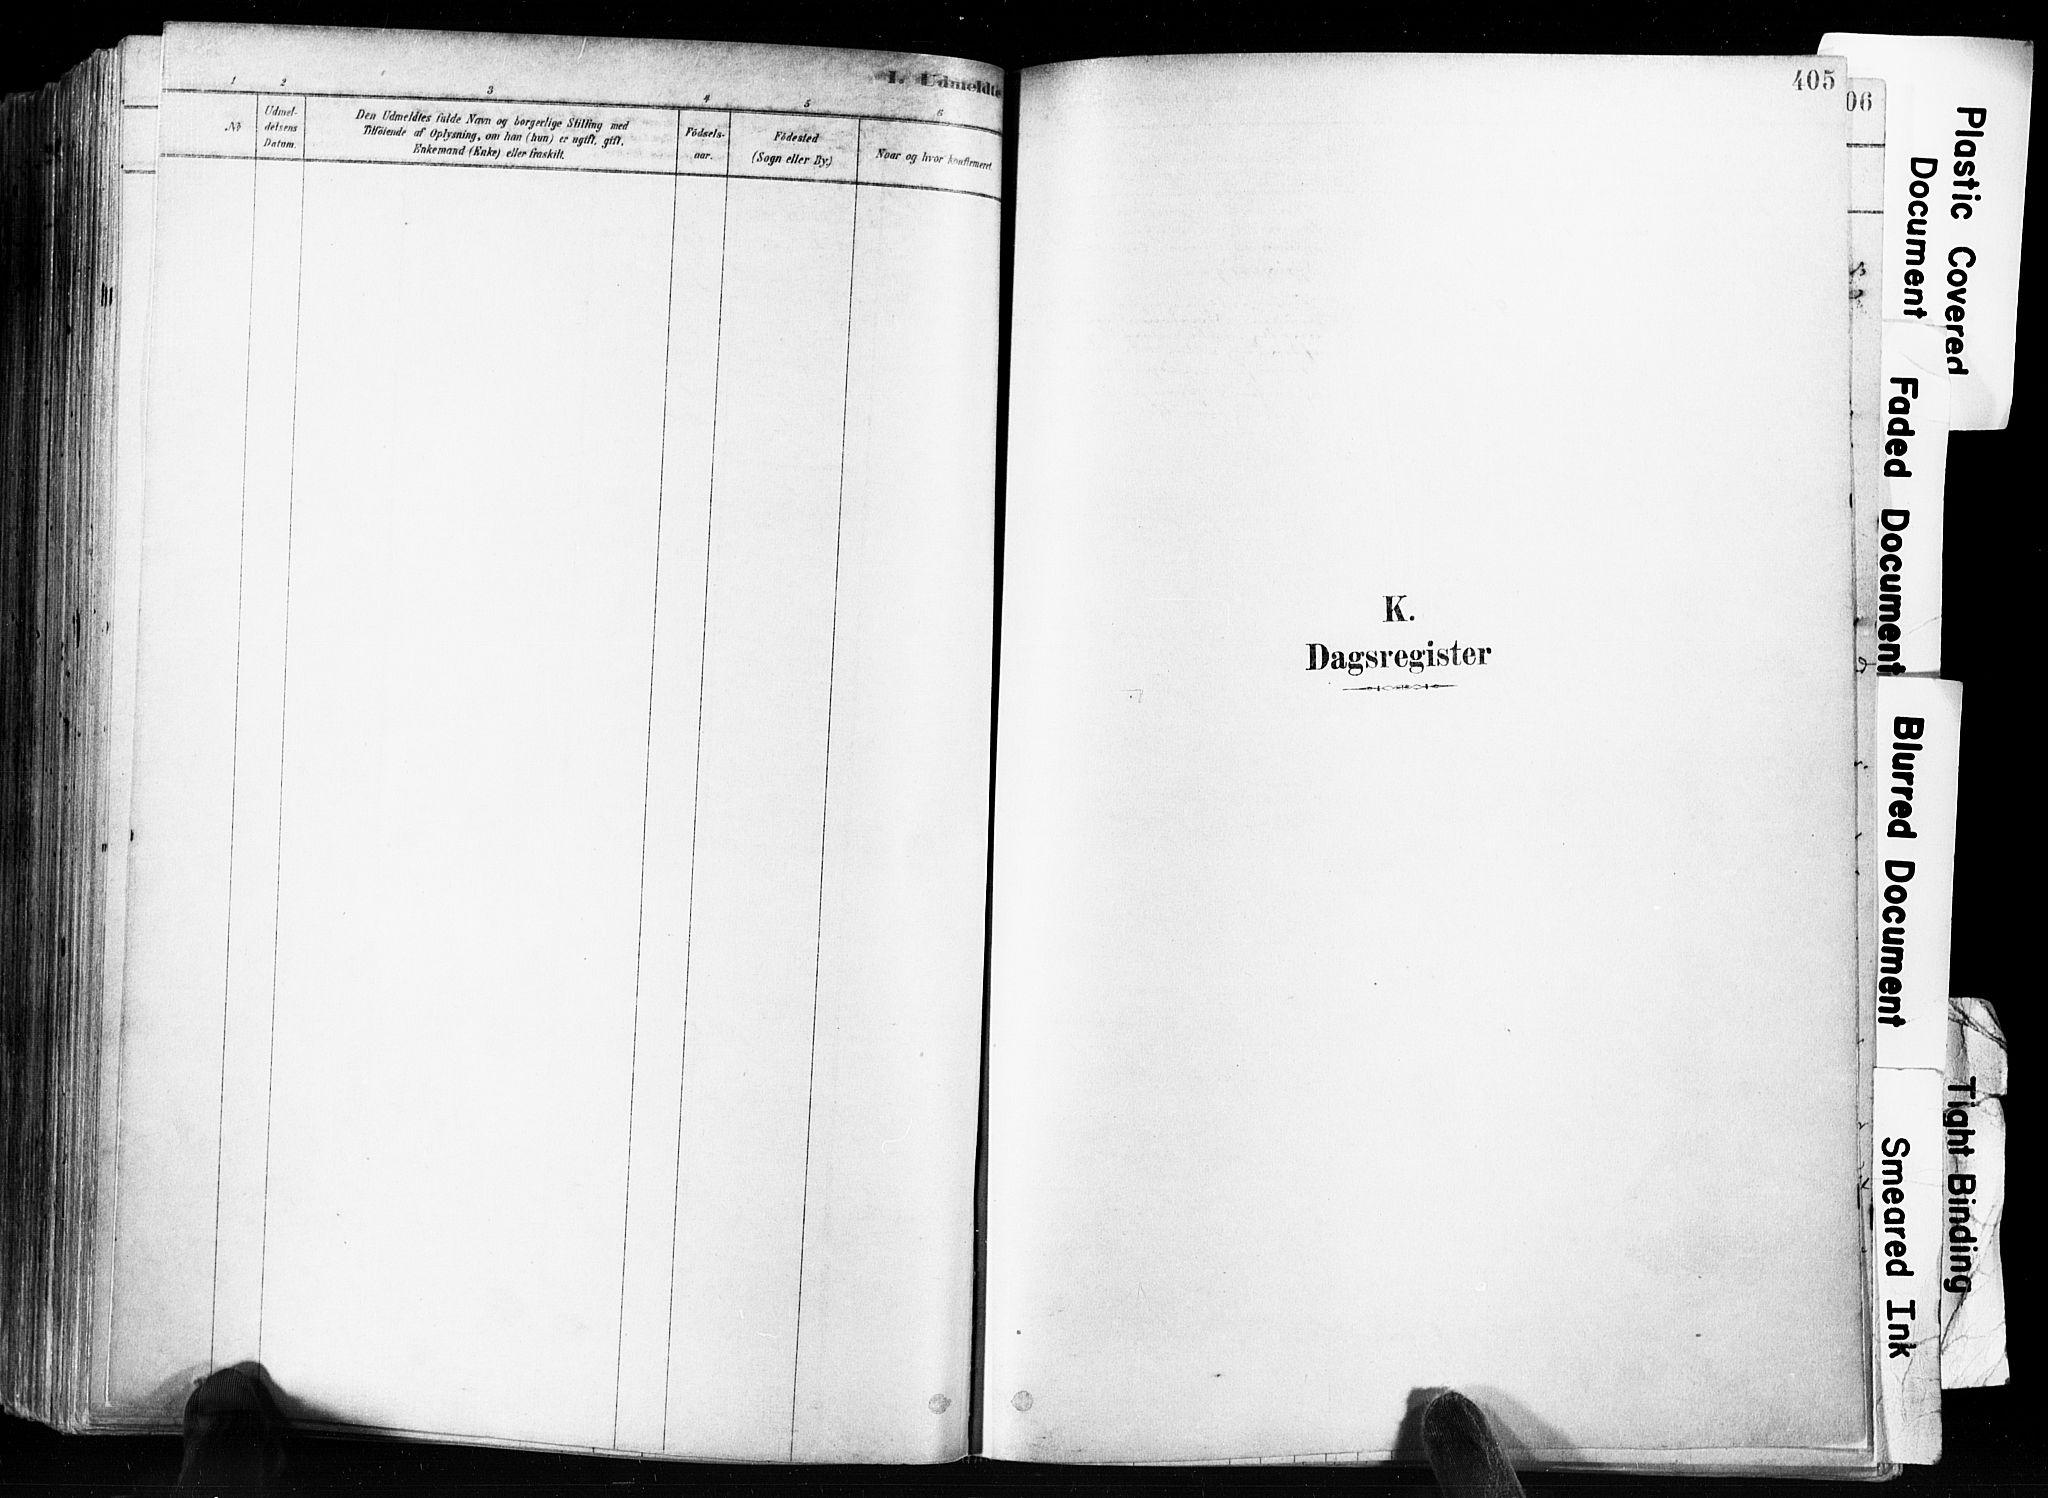 SAKO, Skien kirkebøker, F/Fa/L0009: Ministerialbok nr. 9, 1878-1890, s. 405